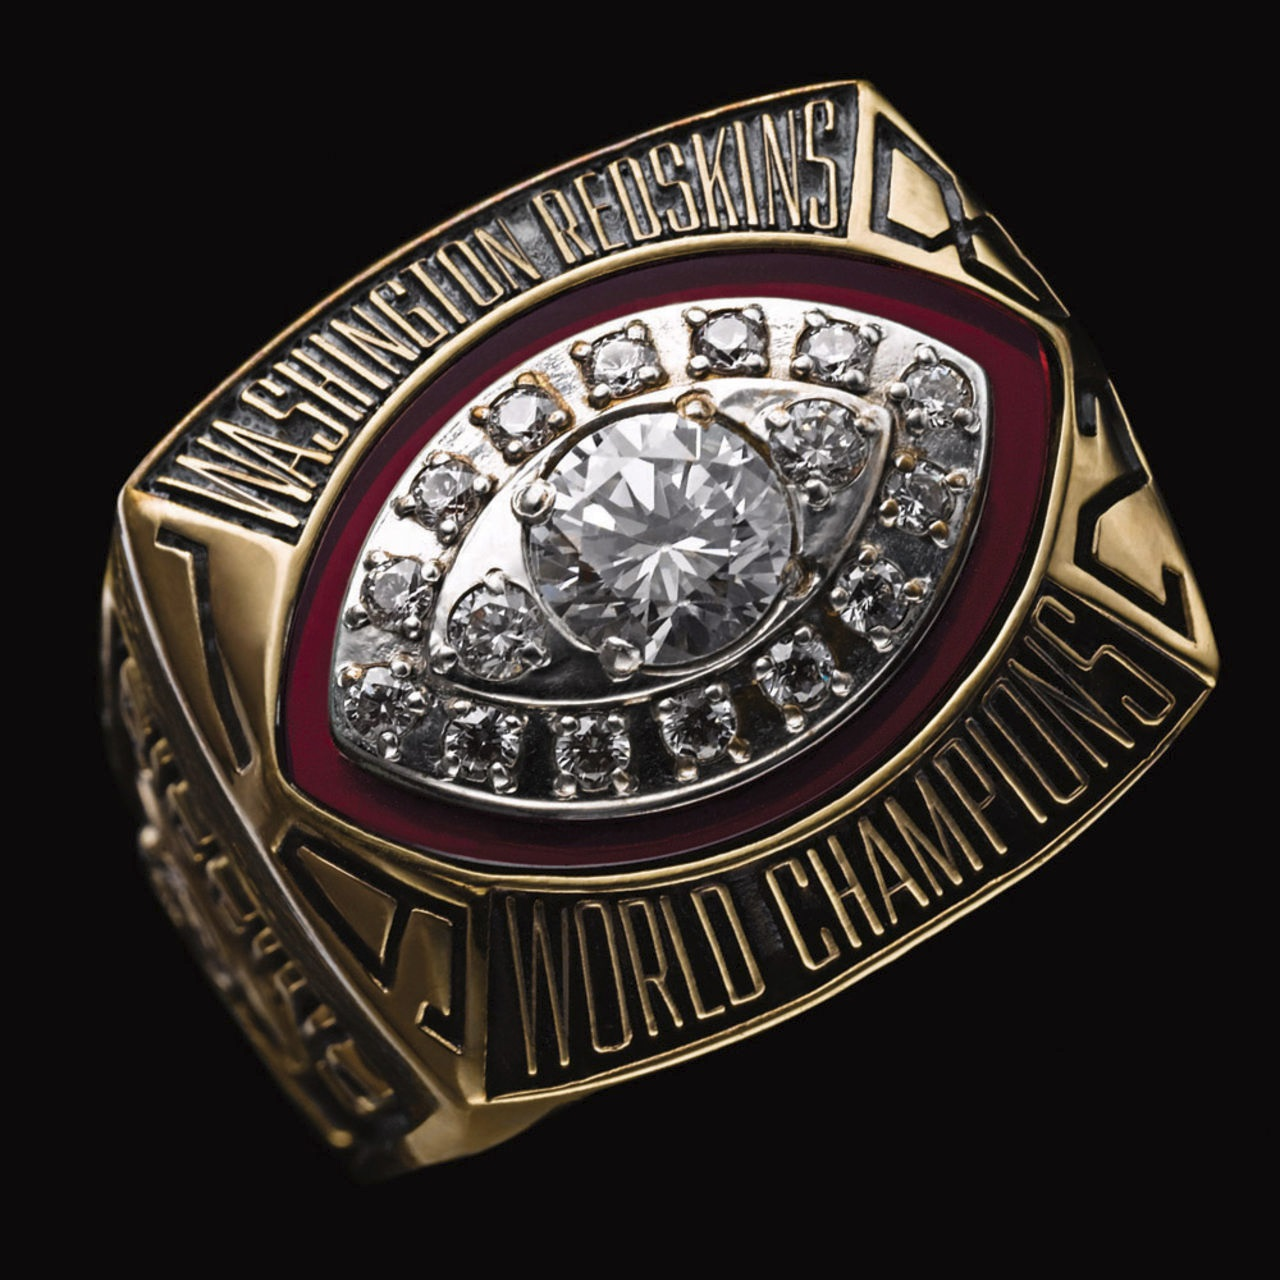 Washington Redskins 1983 champions ring